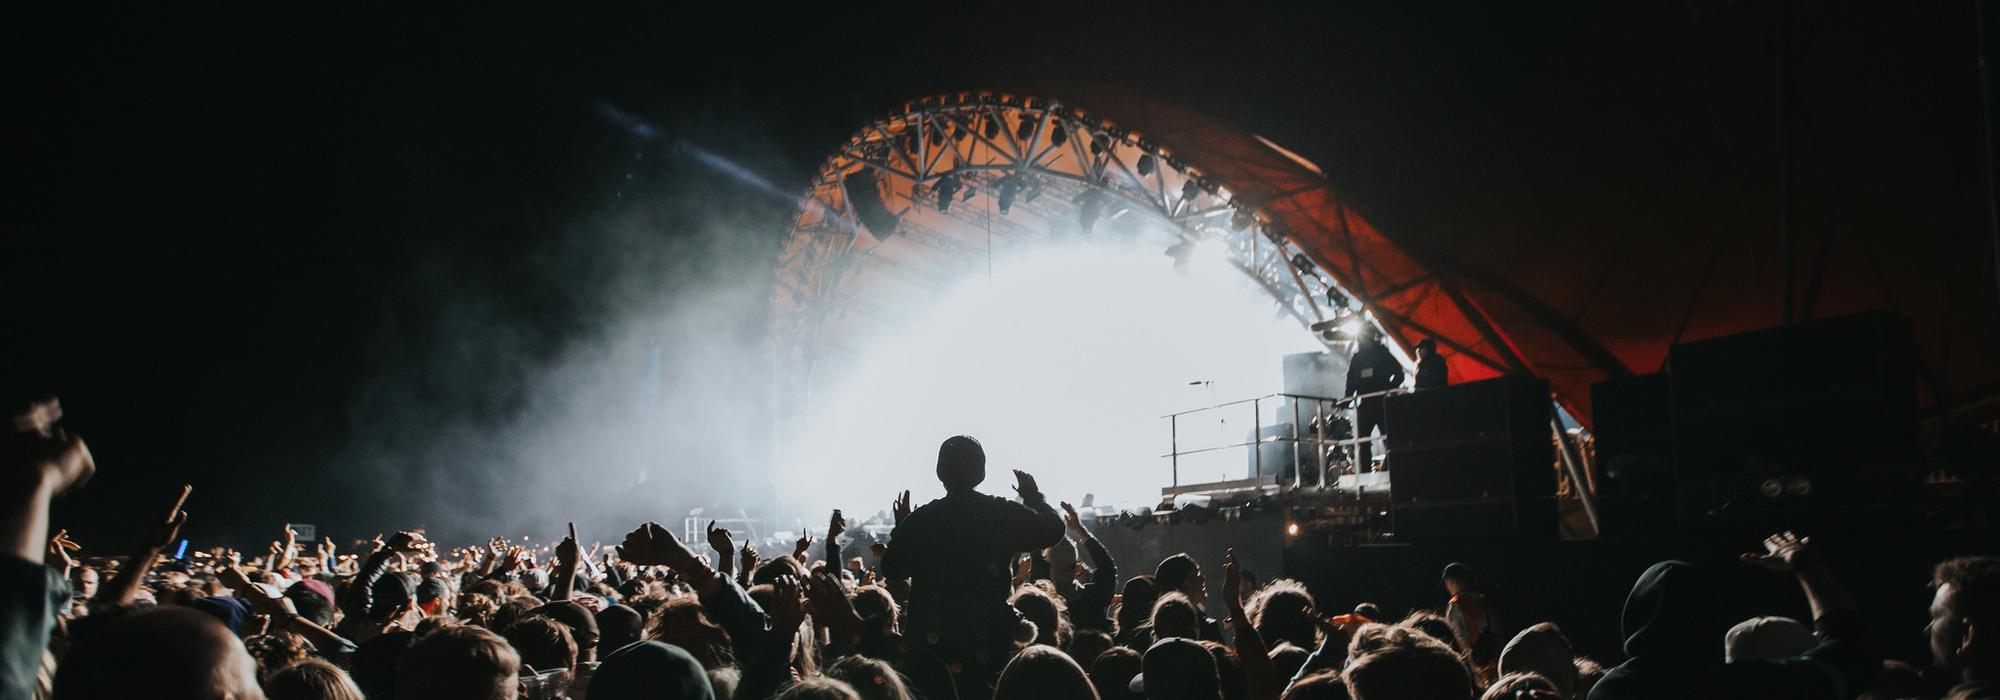 A Wonderstruck Music Festival live event